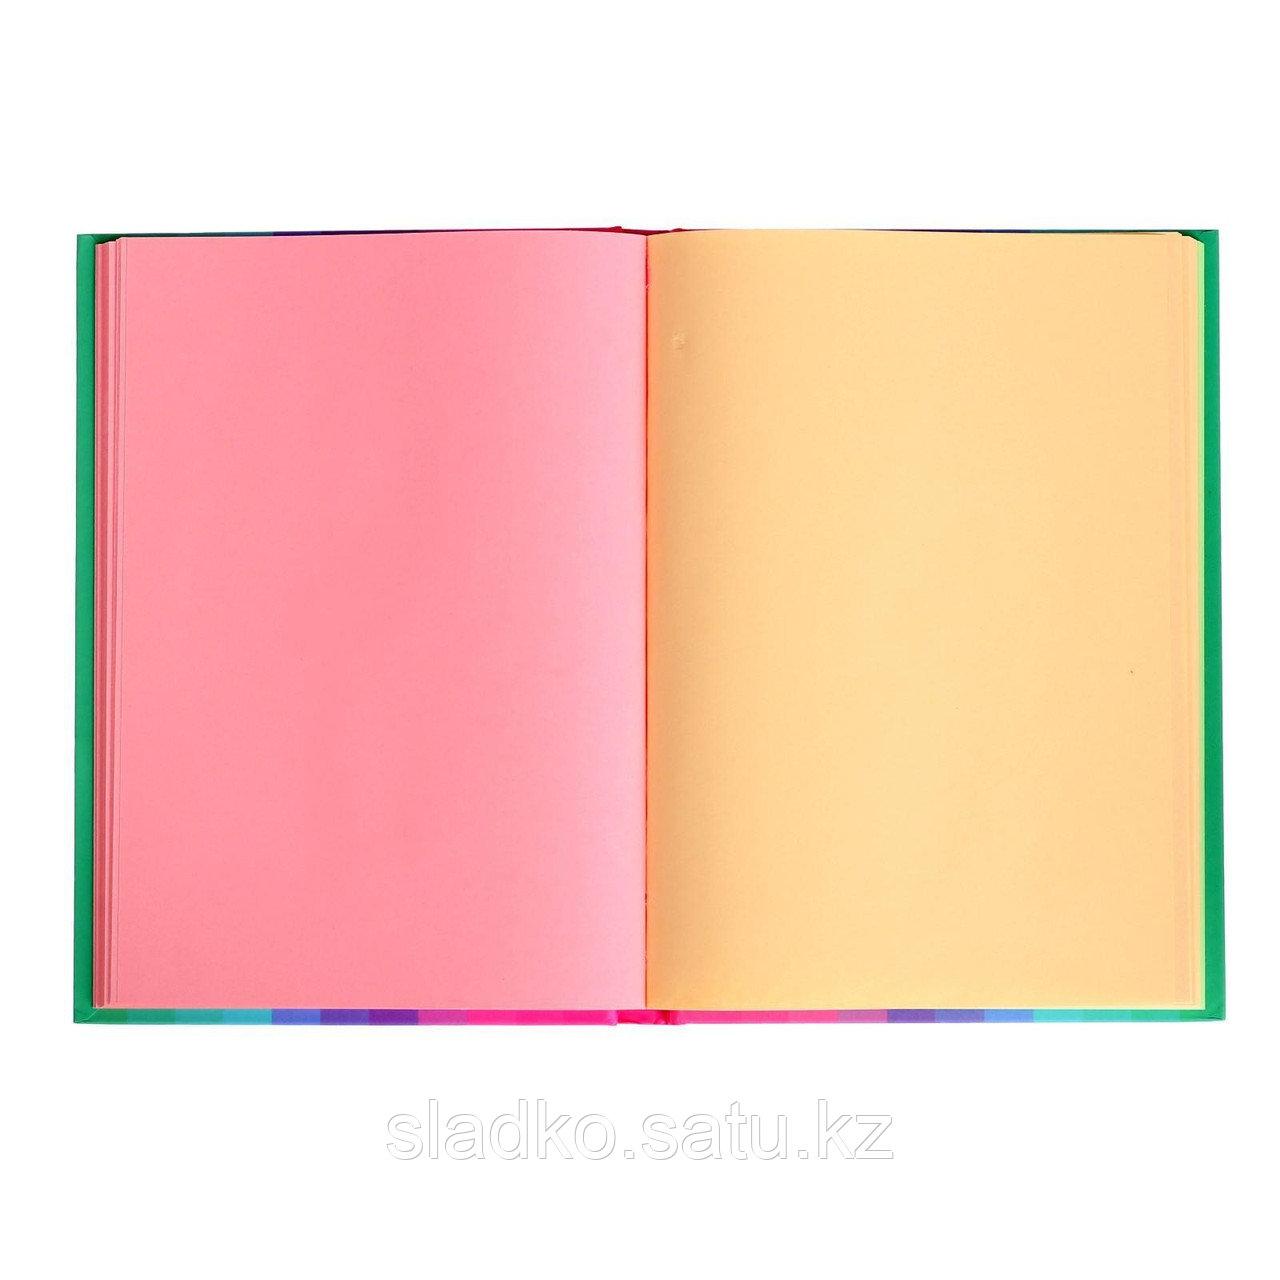 Ежедневник Скетчбук For notes твёрдая обложка А5 120 листов 21 х 15 см - фото 2